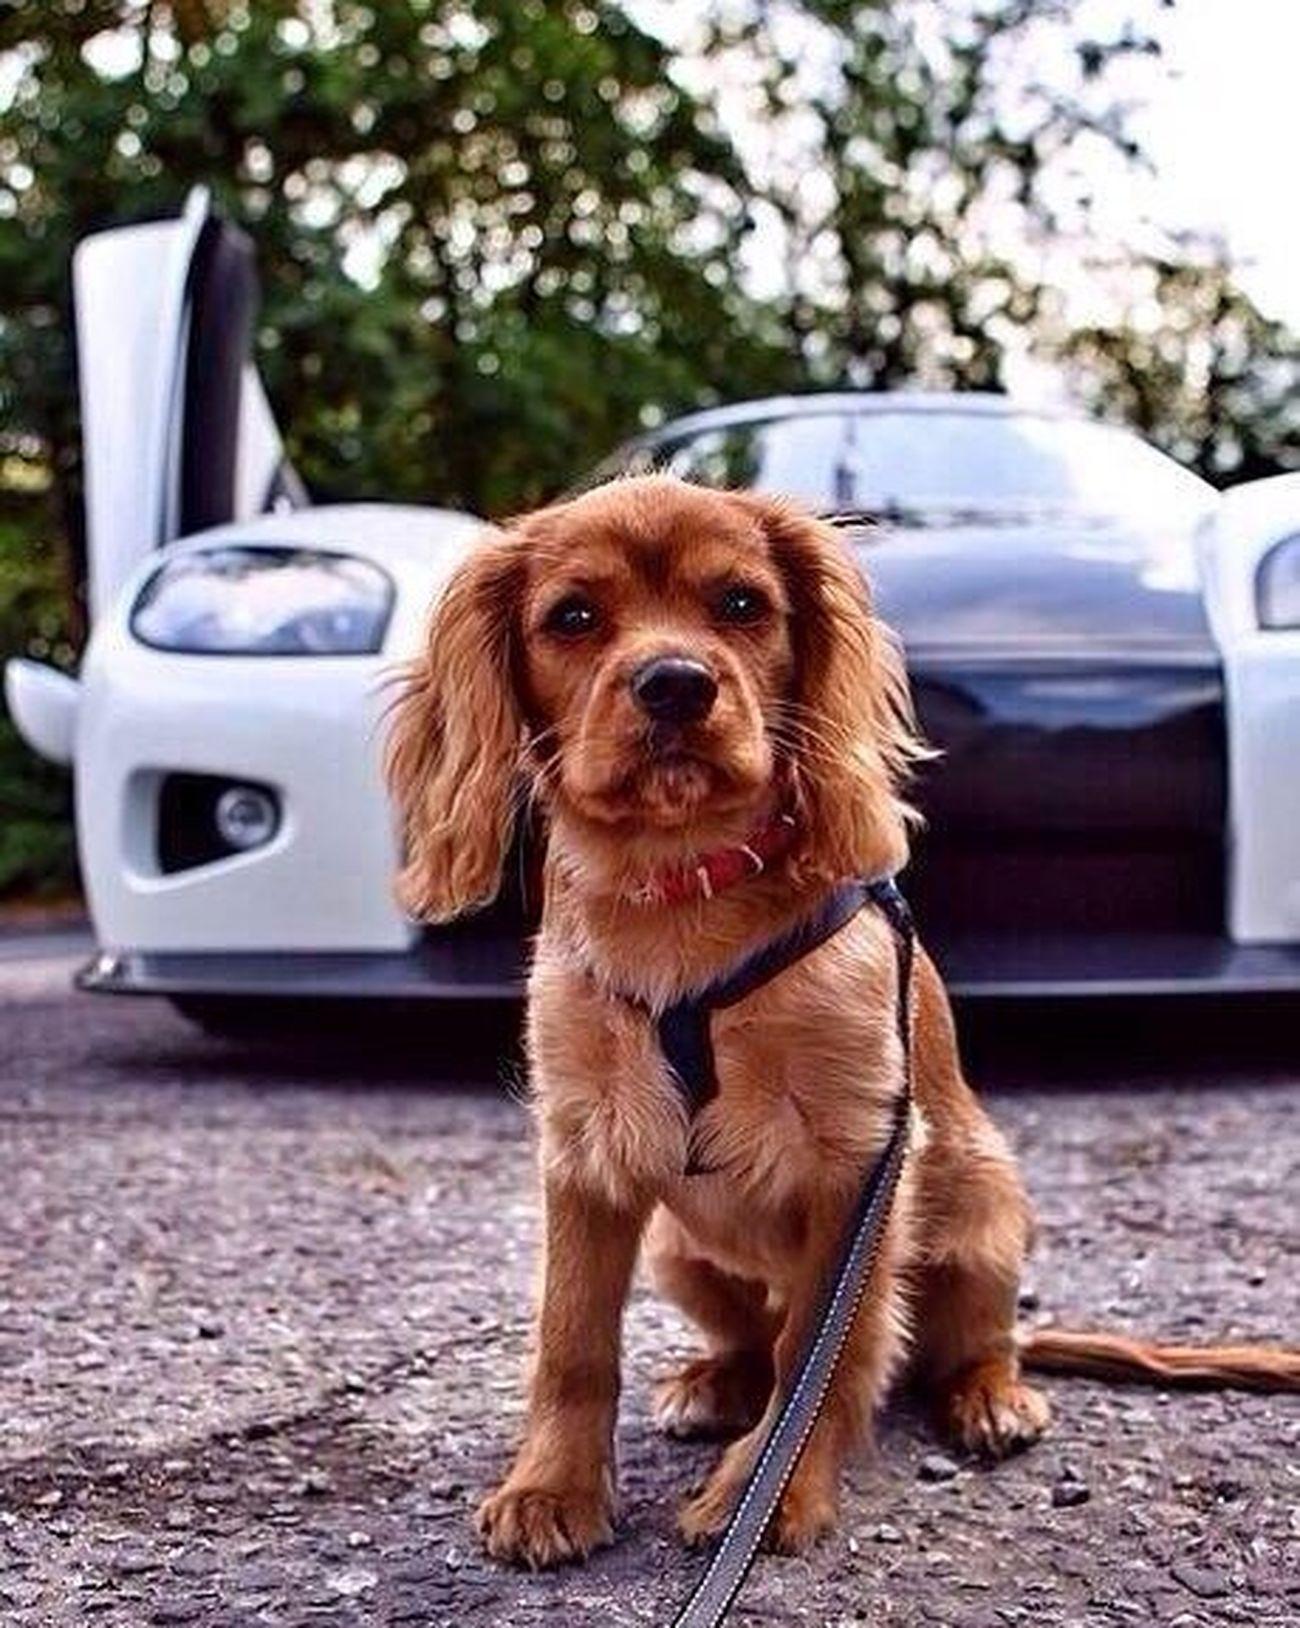 Babe Mybaby Baby Dog Terrier Territory Priences Prenses Superdog Pagani PaganiZonda Car Supercar Superhero Girl Ferrari Bugatti Agera  Agera R 458 Italia Lamborghini Porsche Lamborghini Aventador Lambo Goodday